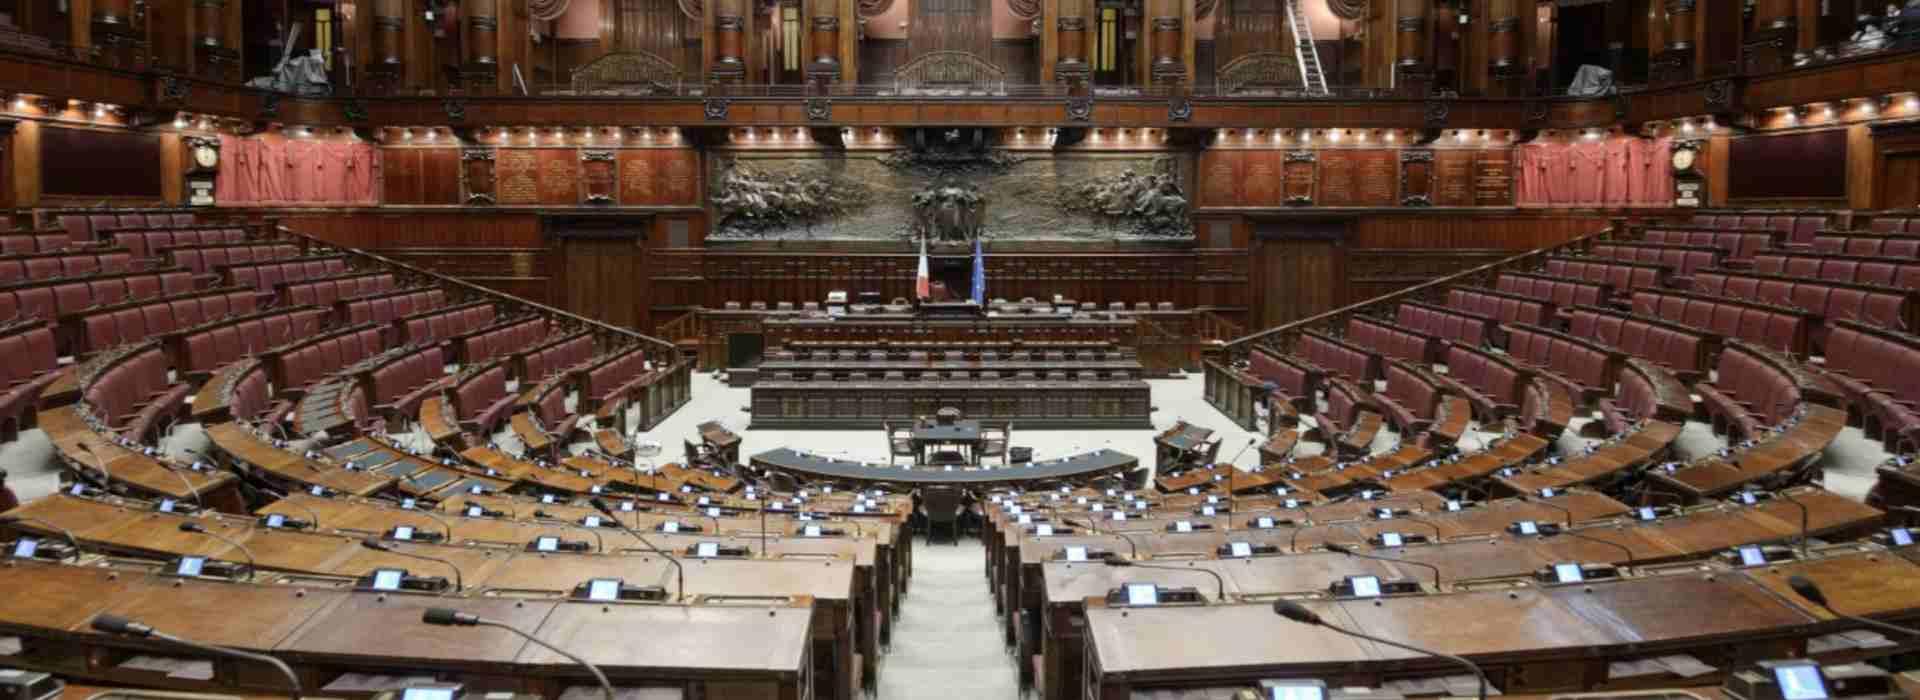 Il Piano di rinascita democratica di Licio Gelli vedrà il compimento con il taglio dei parlamentari